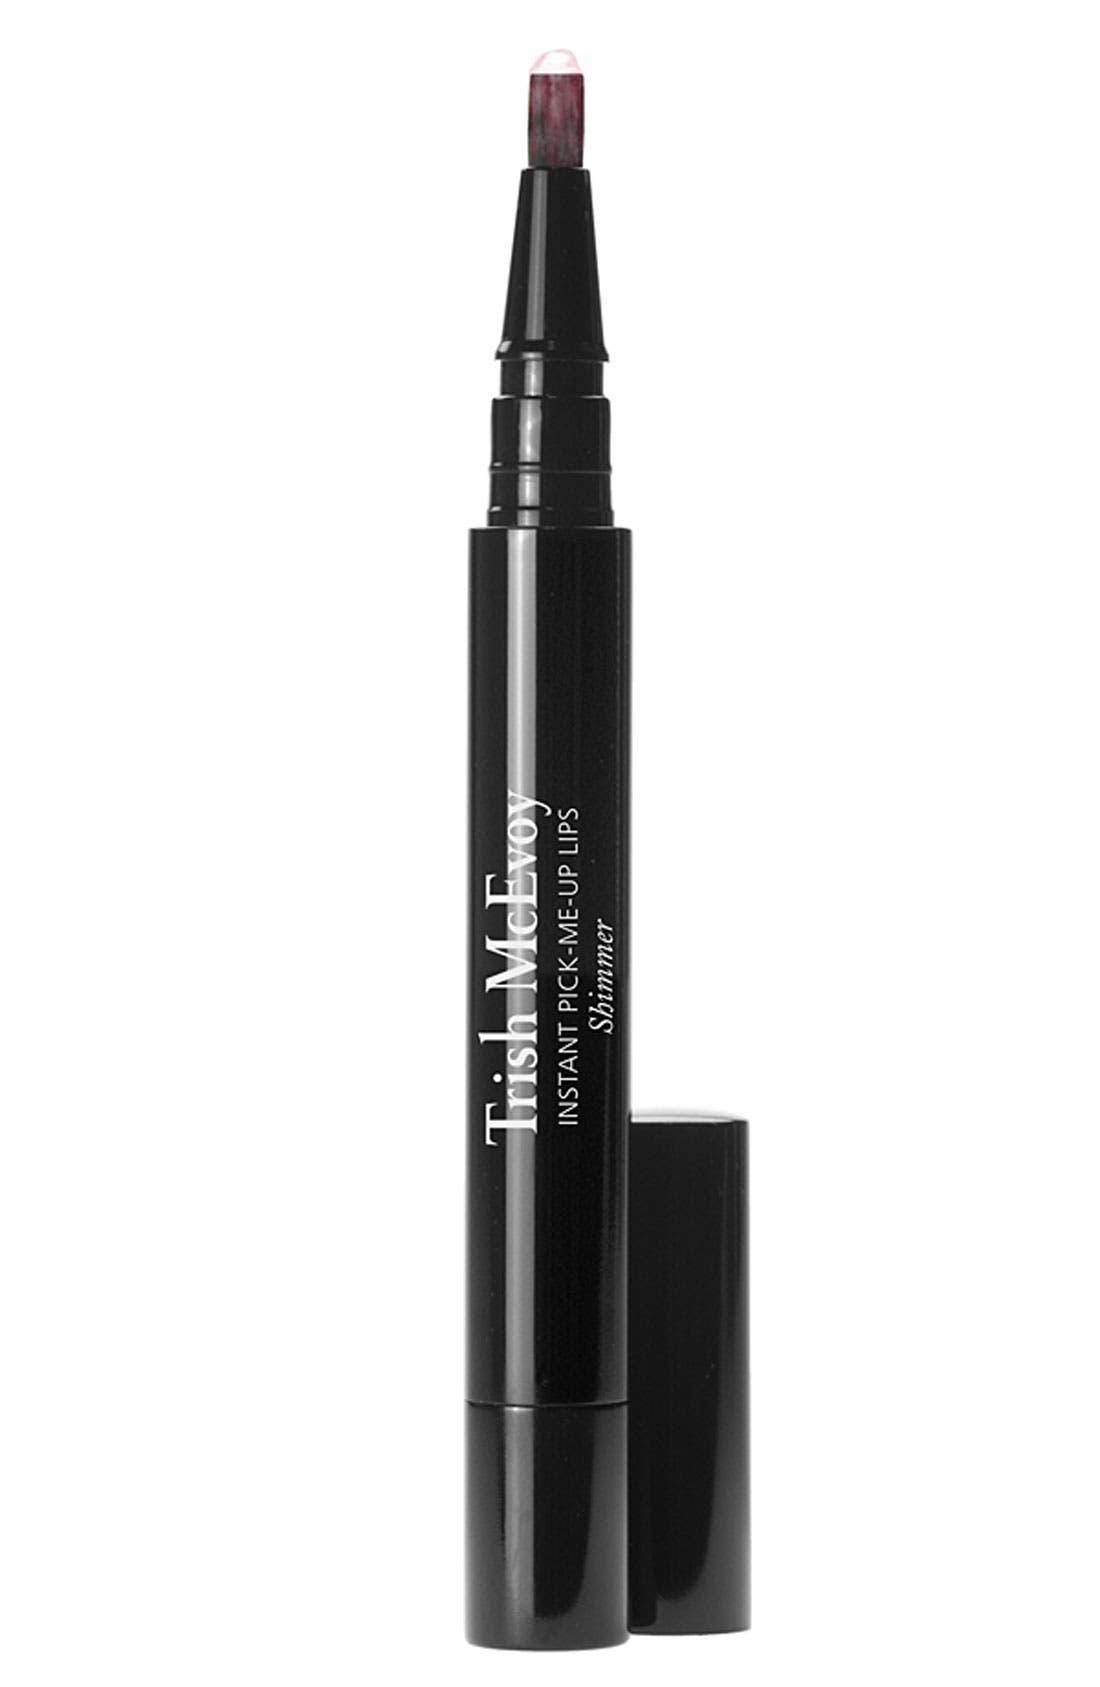 Trish McEvoy 'Instant Pick-Me-Up' Lip Shimmer